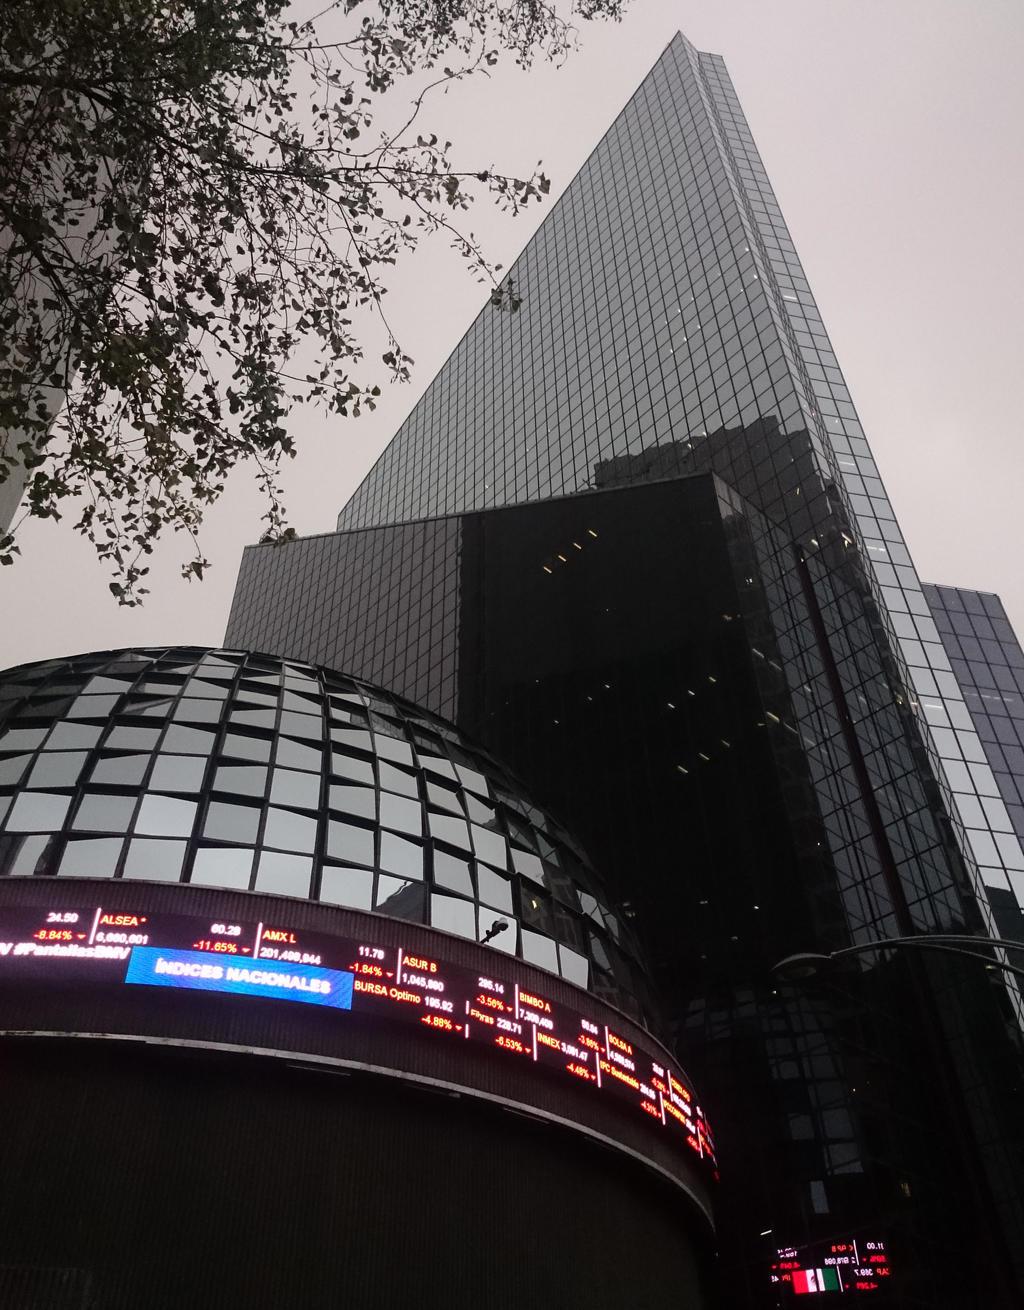 La Bolsa Mexicana de Valores (BMV) retrocedió un 0.39 por ciento en su principal indicador en una semana negativa.